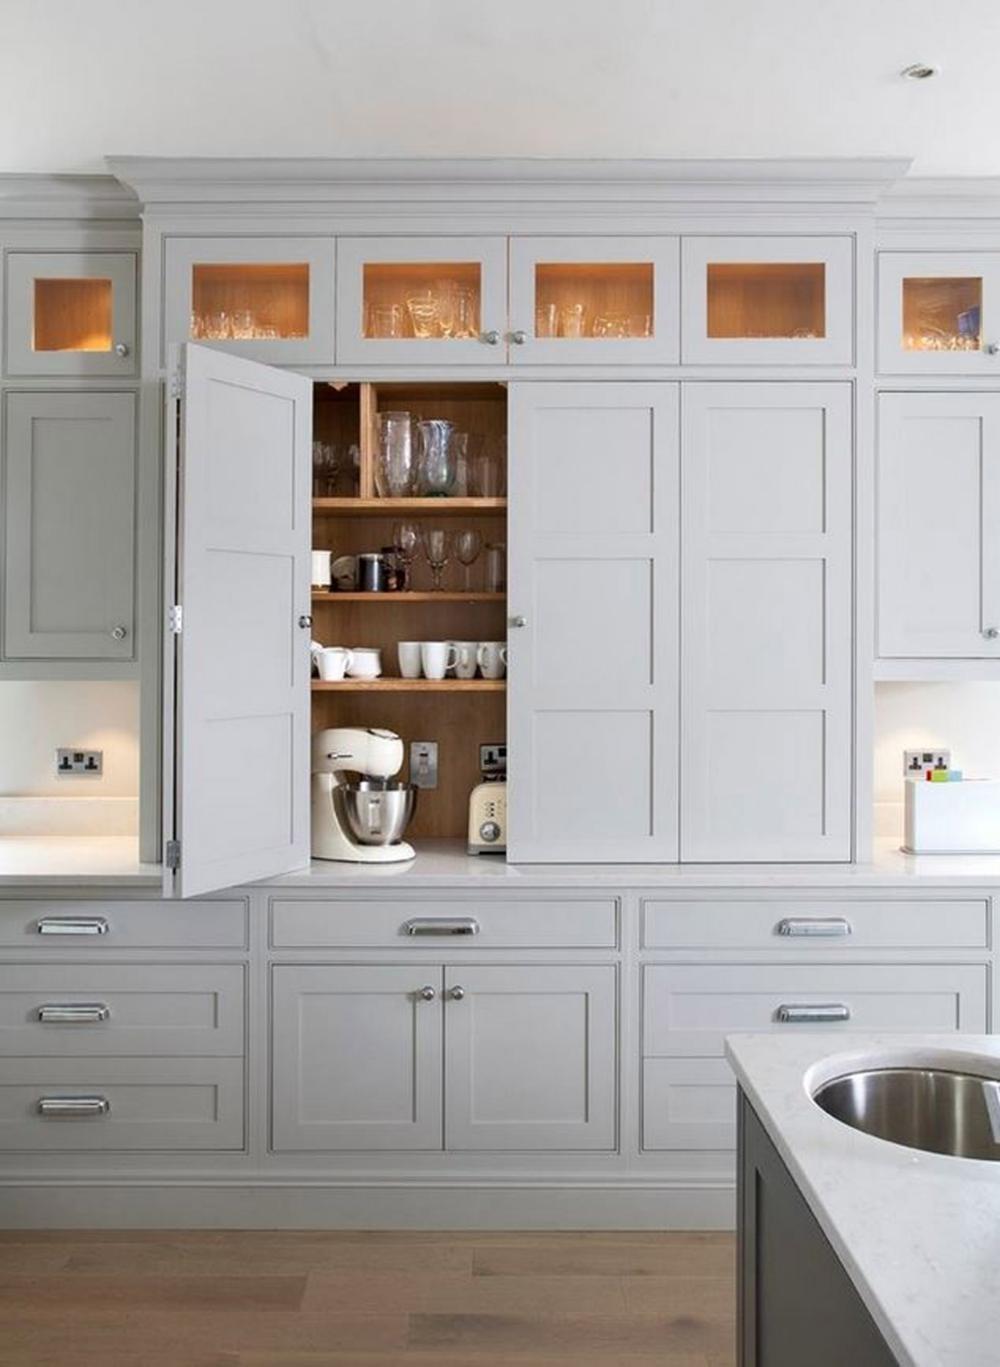 How We Re Designing Our Kitchen Thoughts On Cabinet Function Hidden Kitchen Best Kitchen Designs Kitchen Design Plans